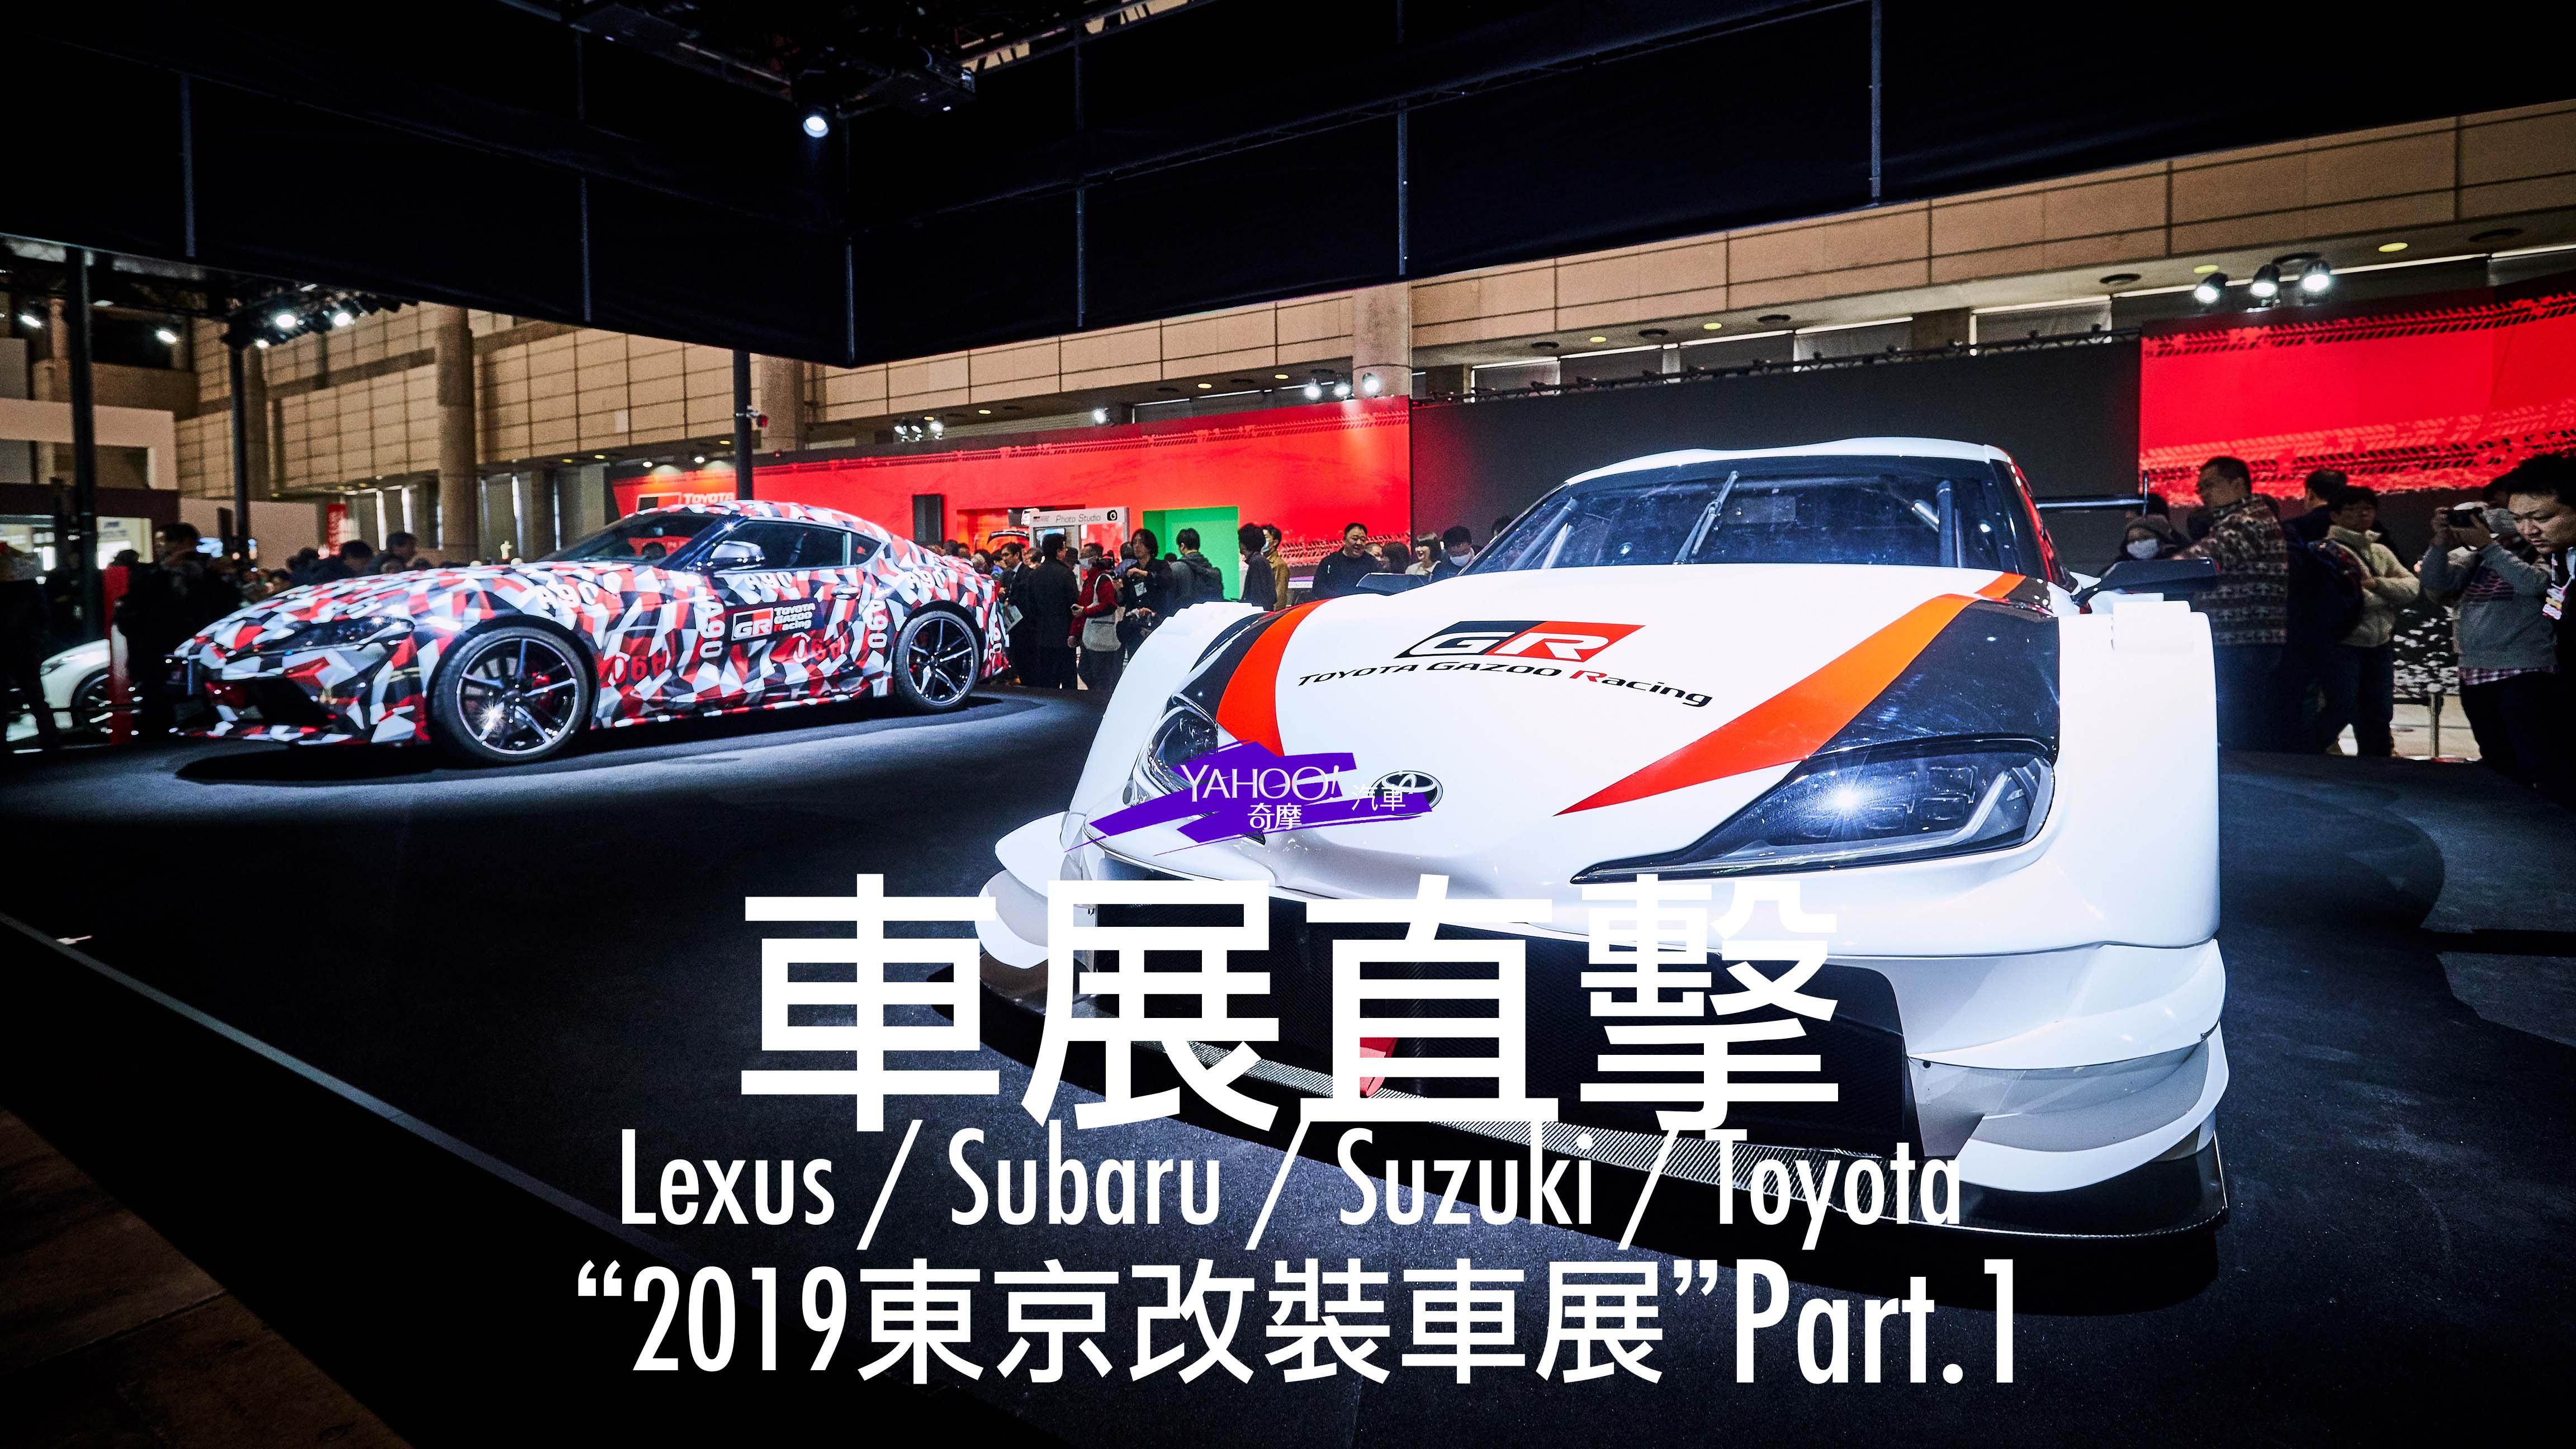 【2019東京改裝車展】東展館直擊導覽(Toyota、Subaru、Suzuki)